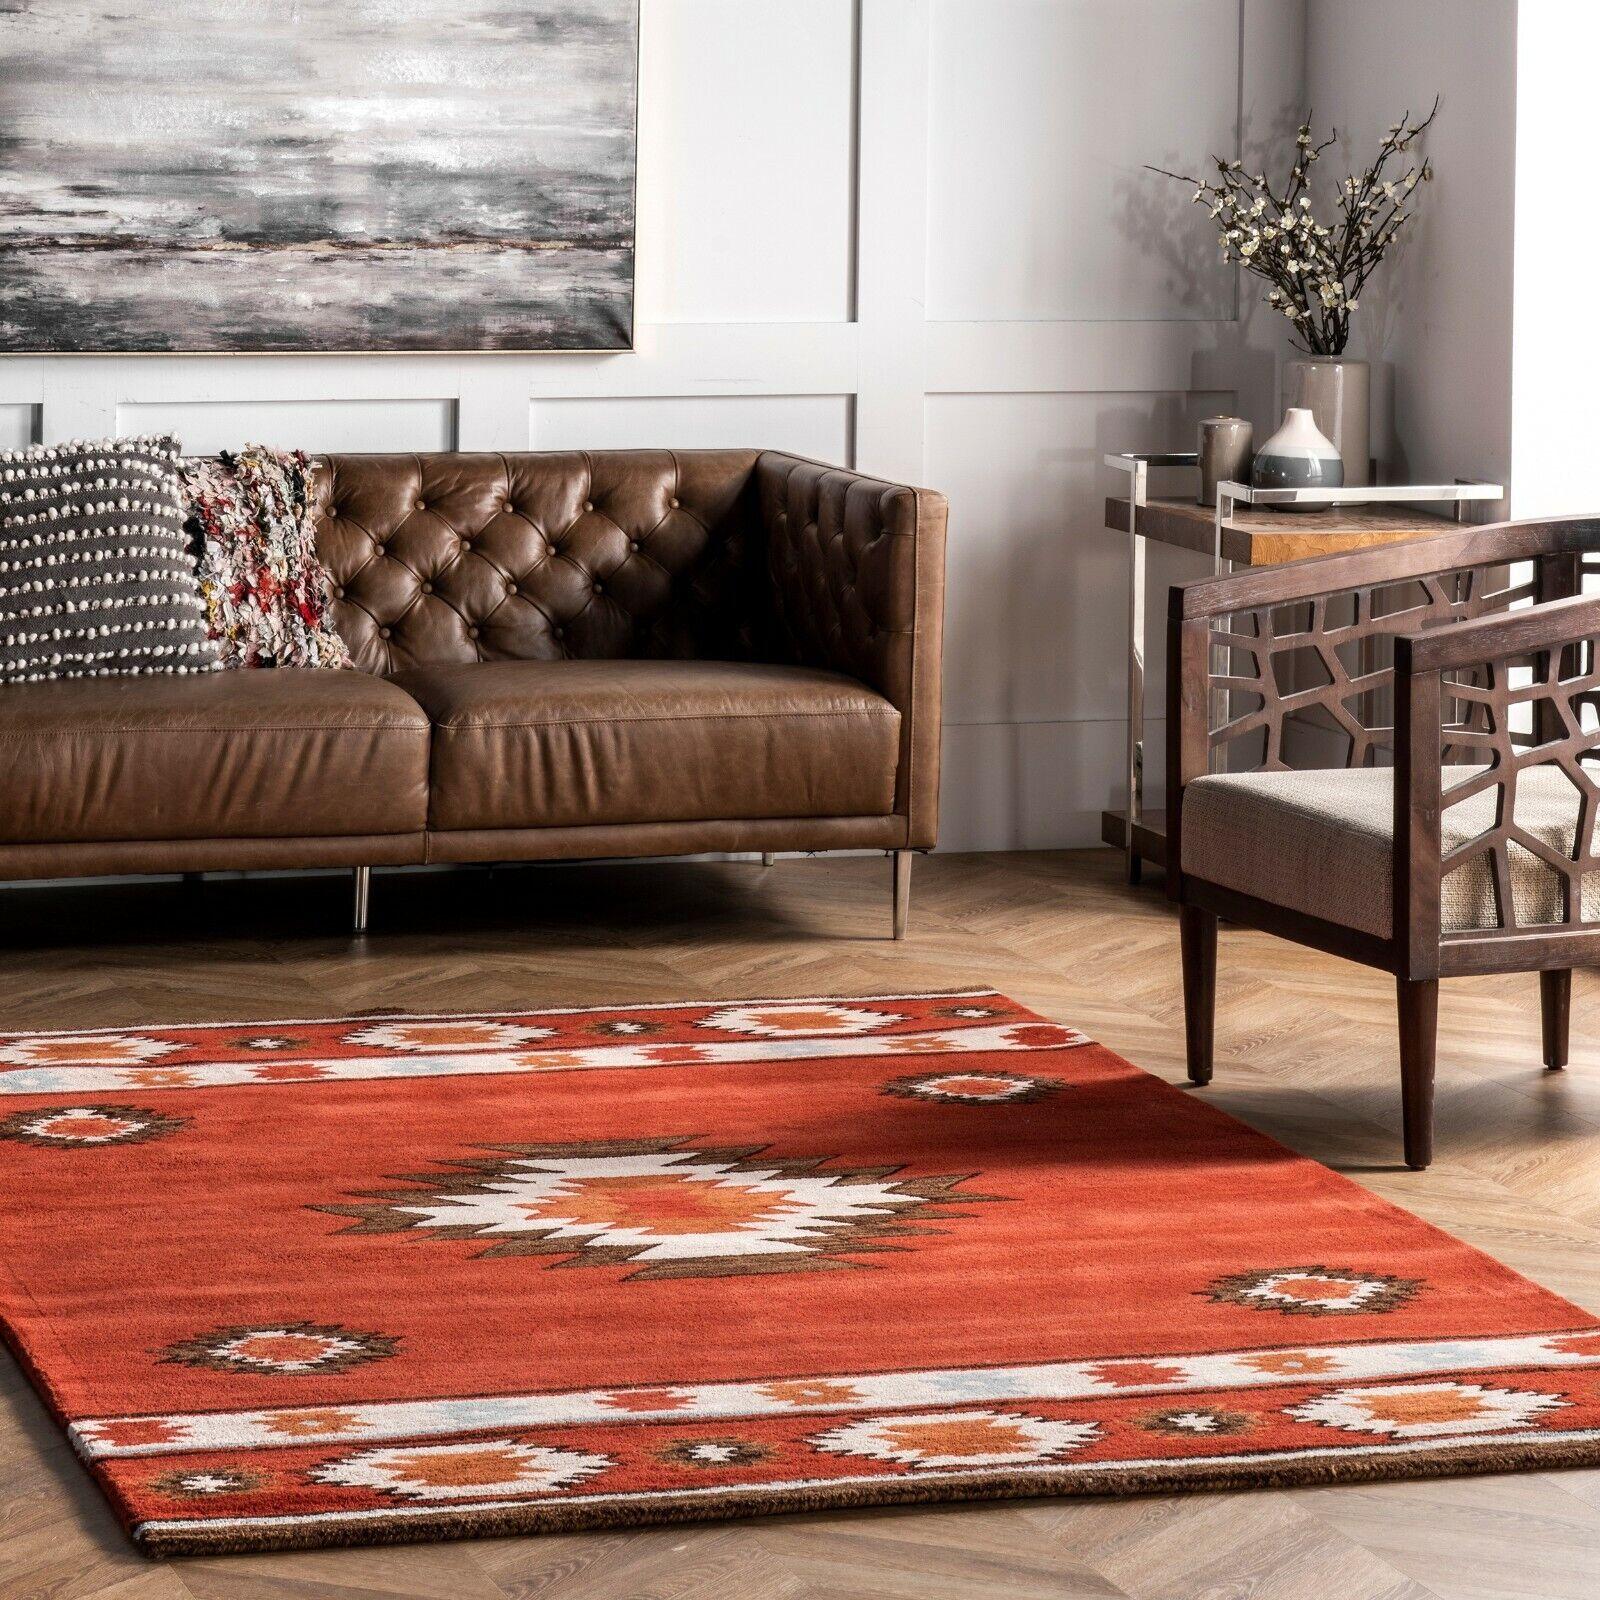 Nuloom Handmade Southwestern Geometric Wool Area Rug In Burnt Orange Wine Color For Sale Online